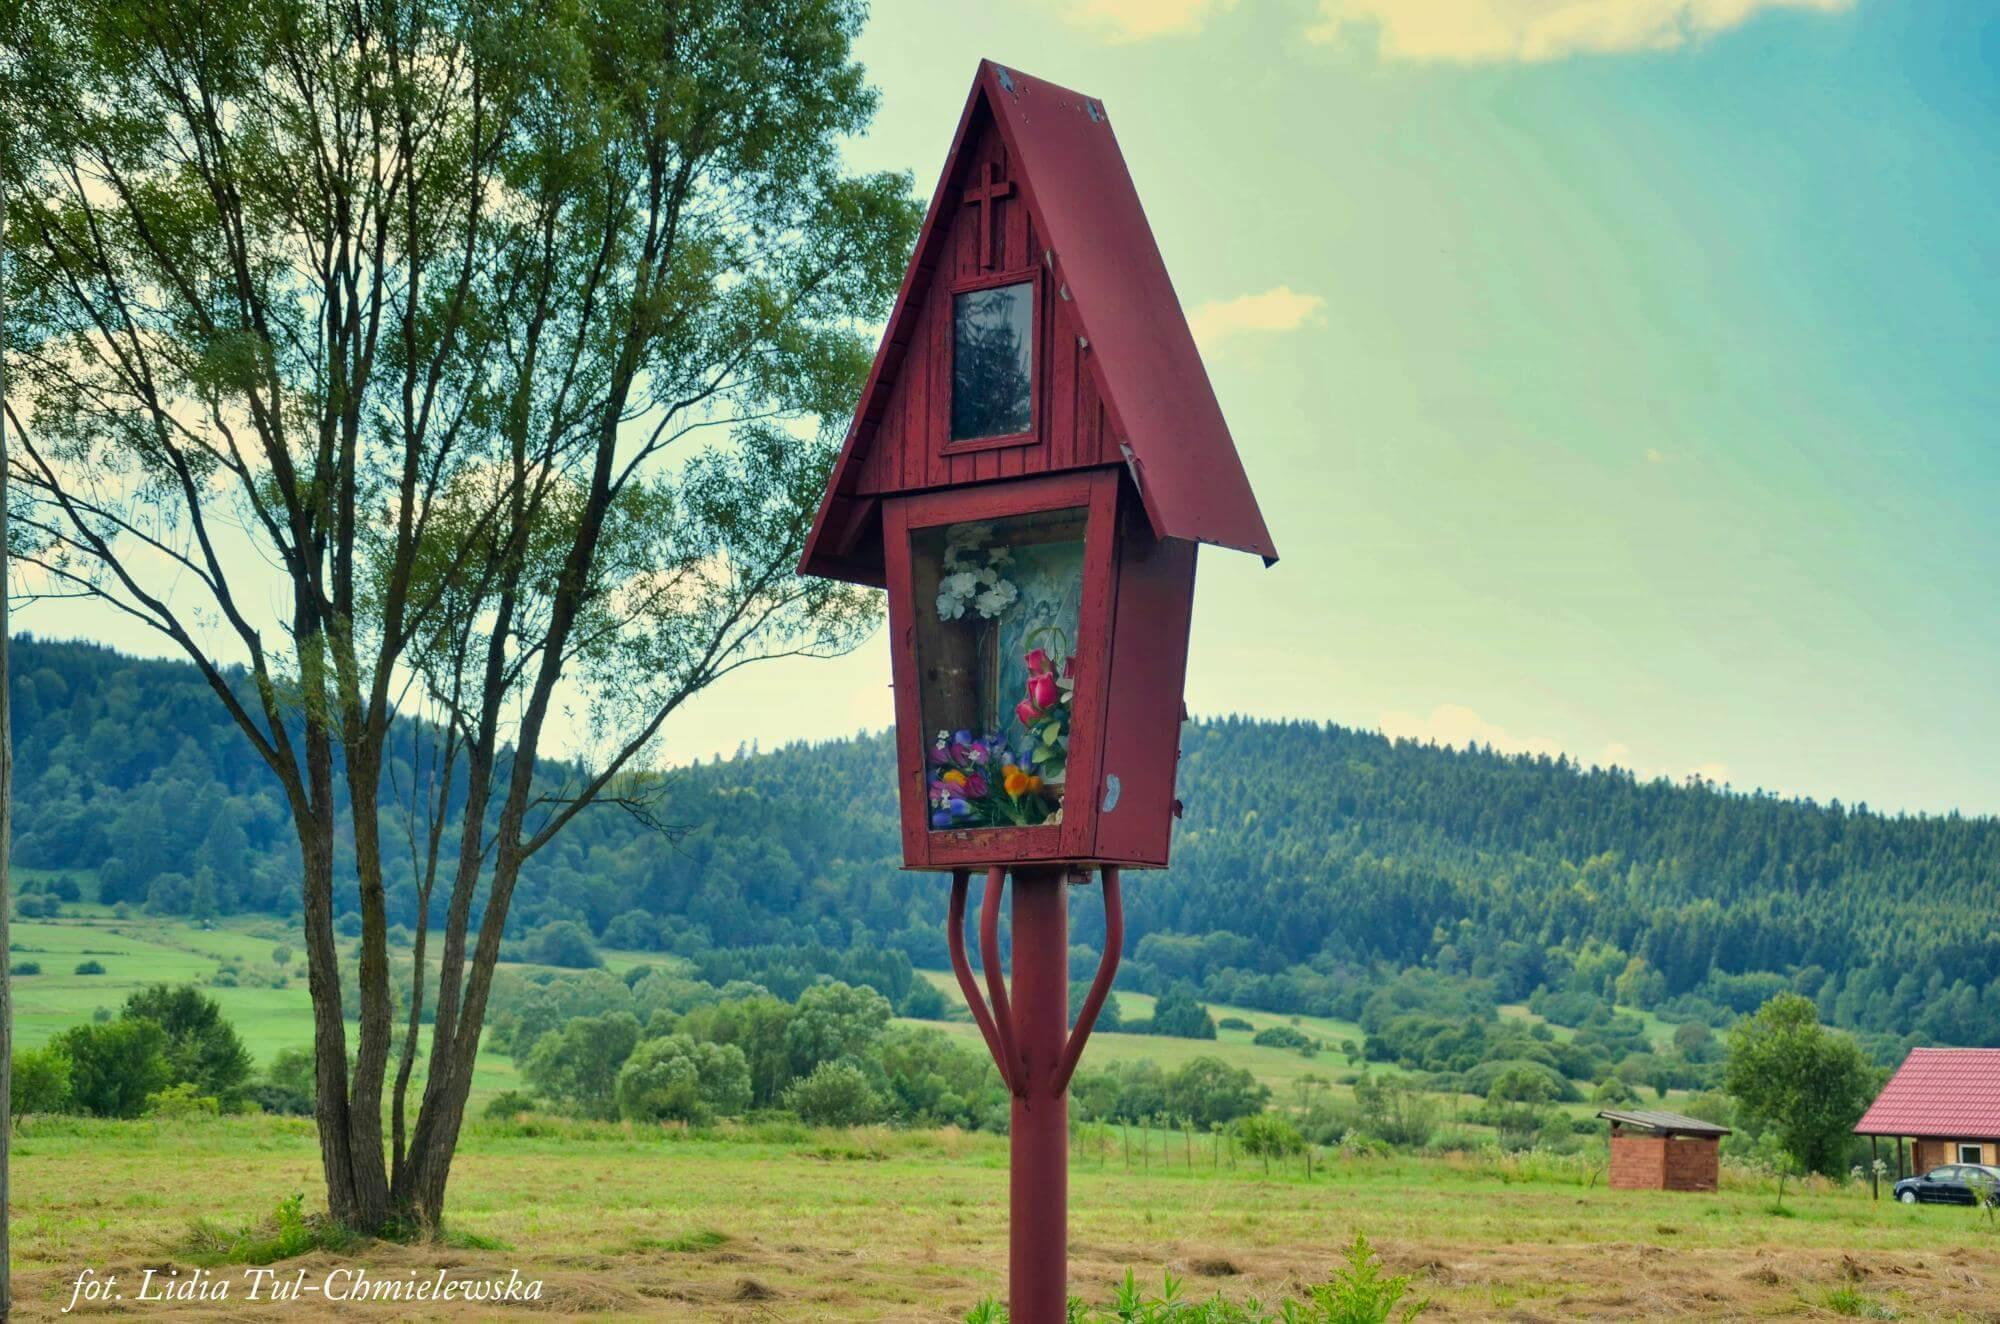 Kapliczka przy drodze, Jaśliska / fot. Lidia Tul-Chmielewska